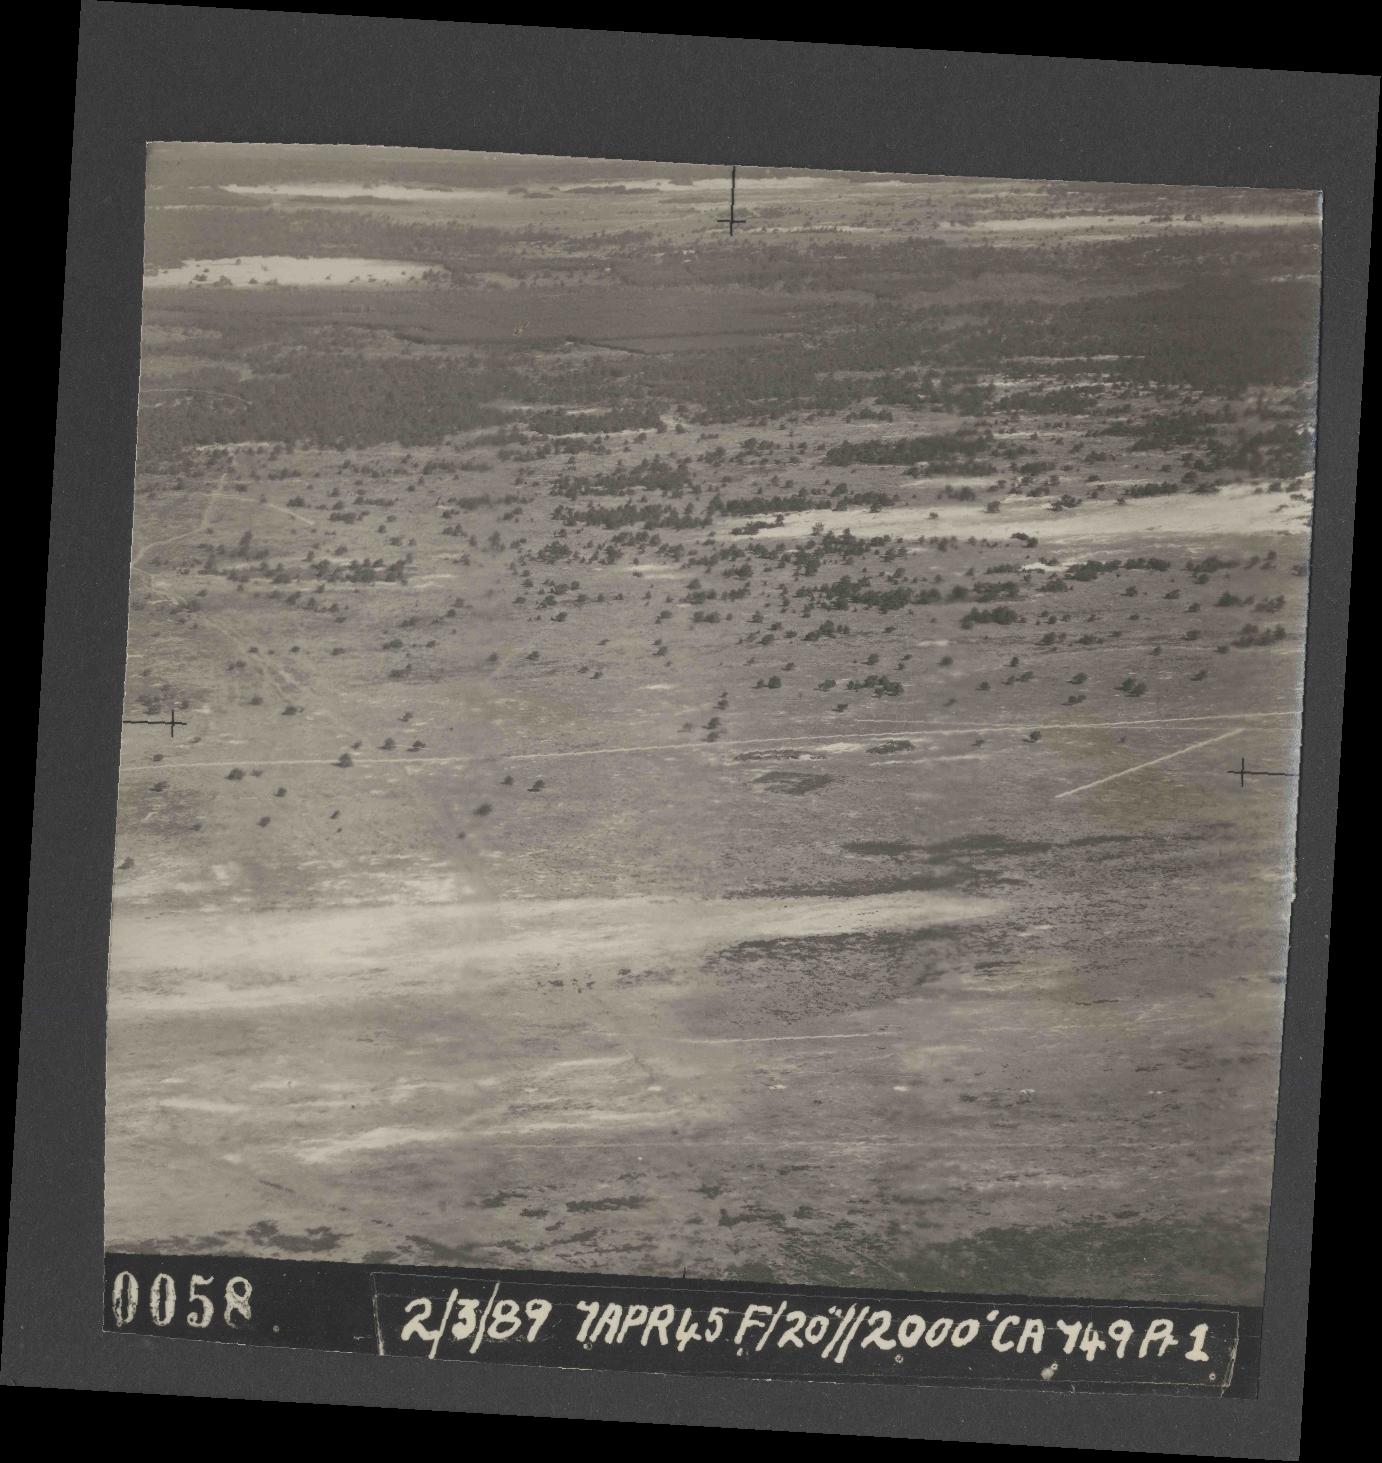 Collection RAF aerial photos 1940-1945 - flight 530, run 01, photo 0058